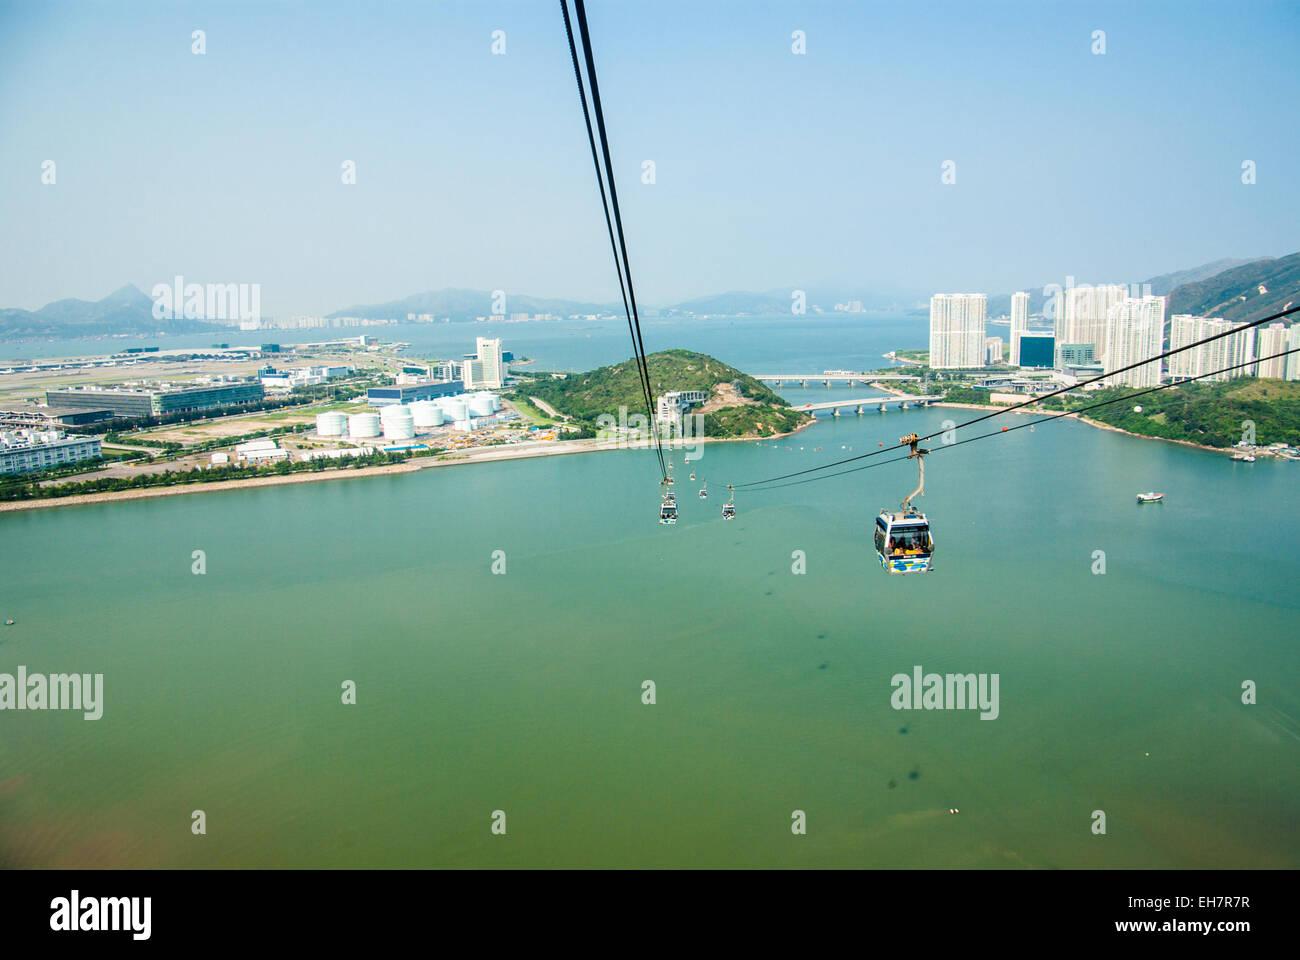 Ngong Ping 360 Cable Car to Ngong Ping Village on Lantau Island, Hong Kong - Stock Image